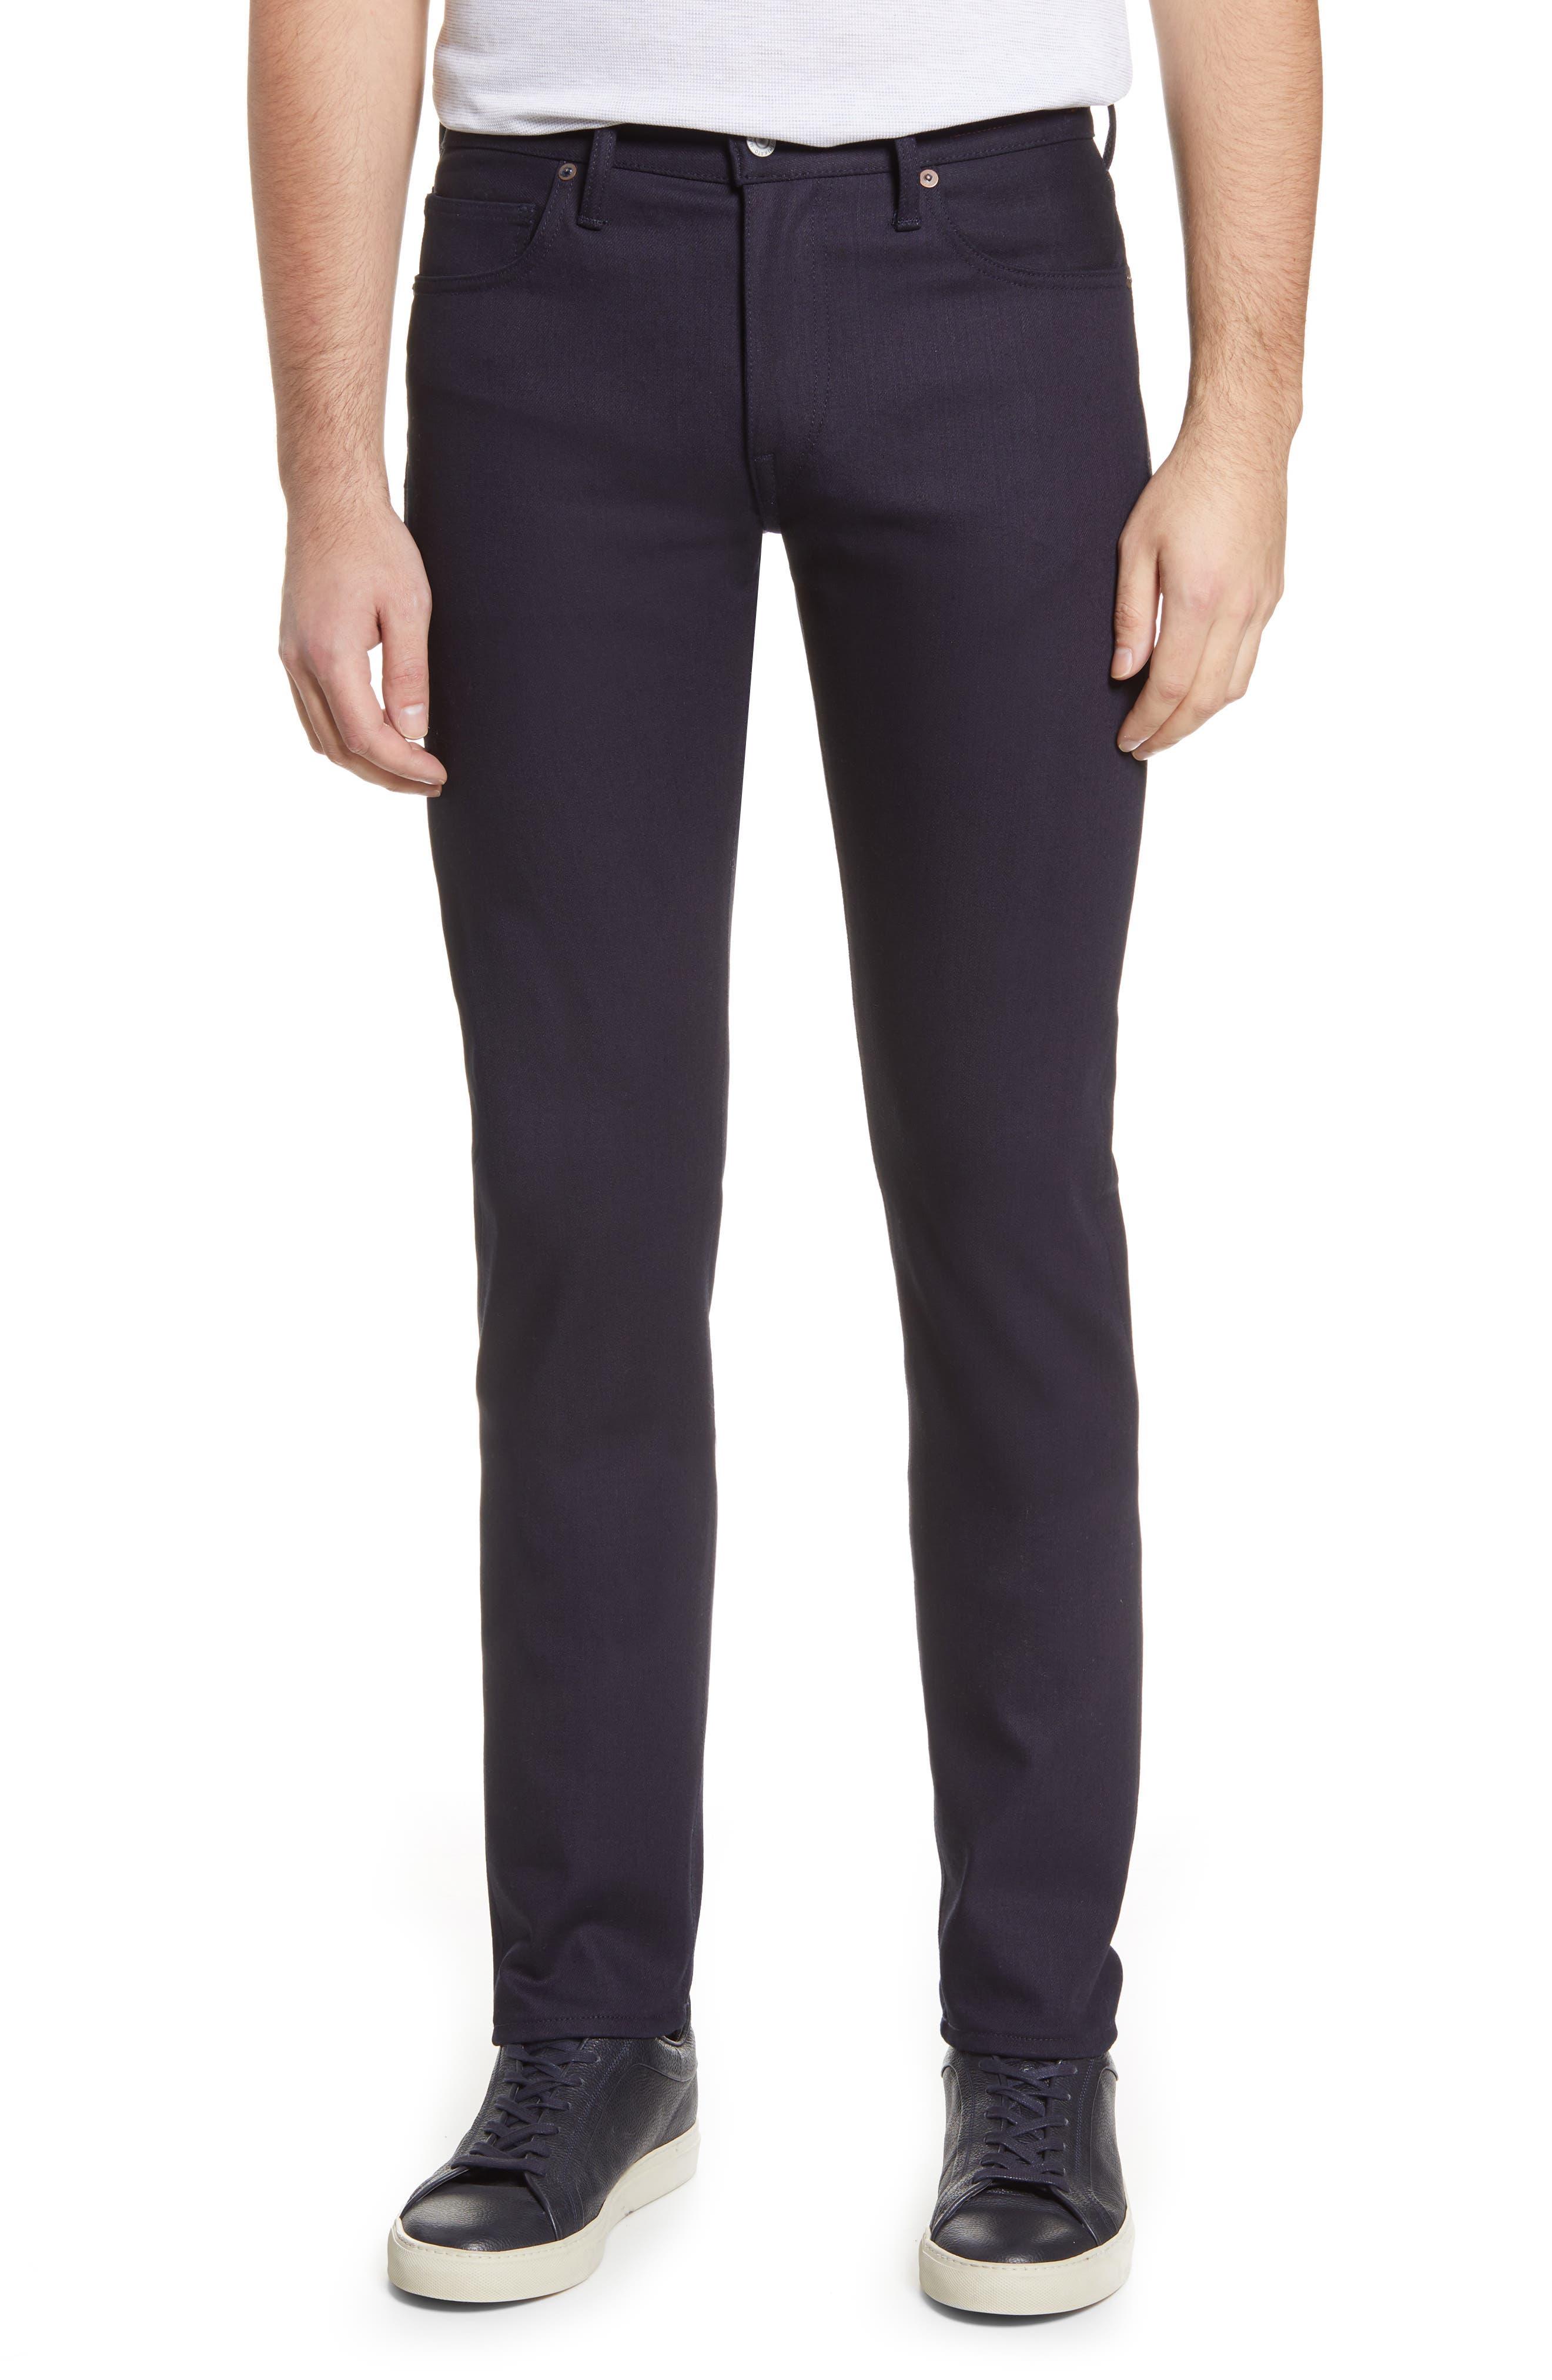 The Pen Slim Fit Jeans